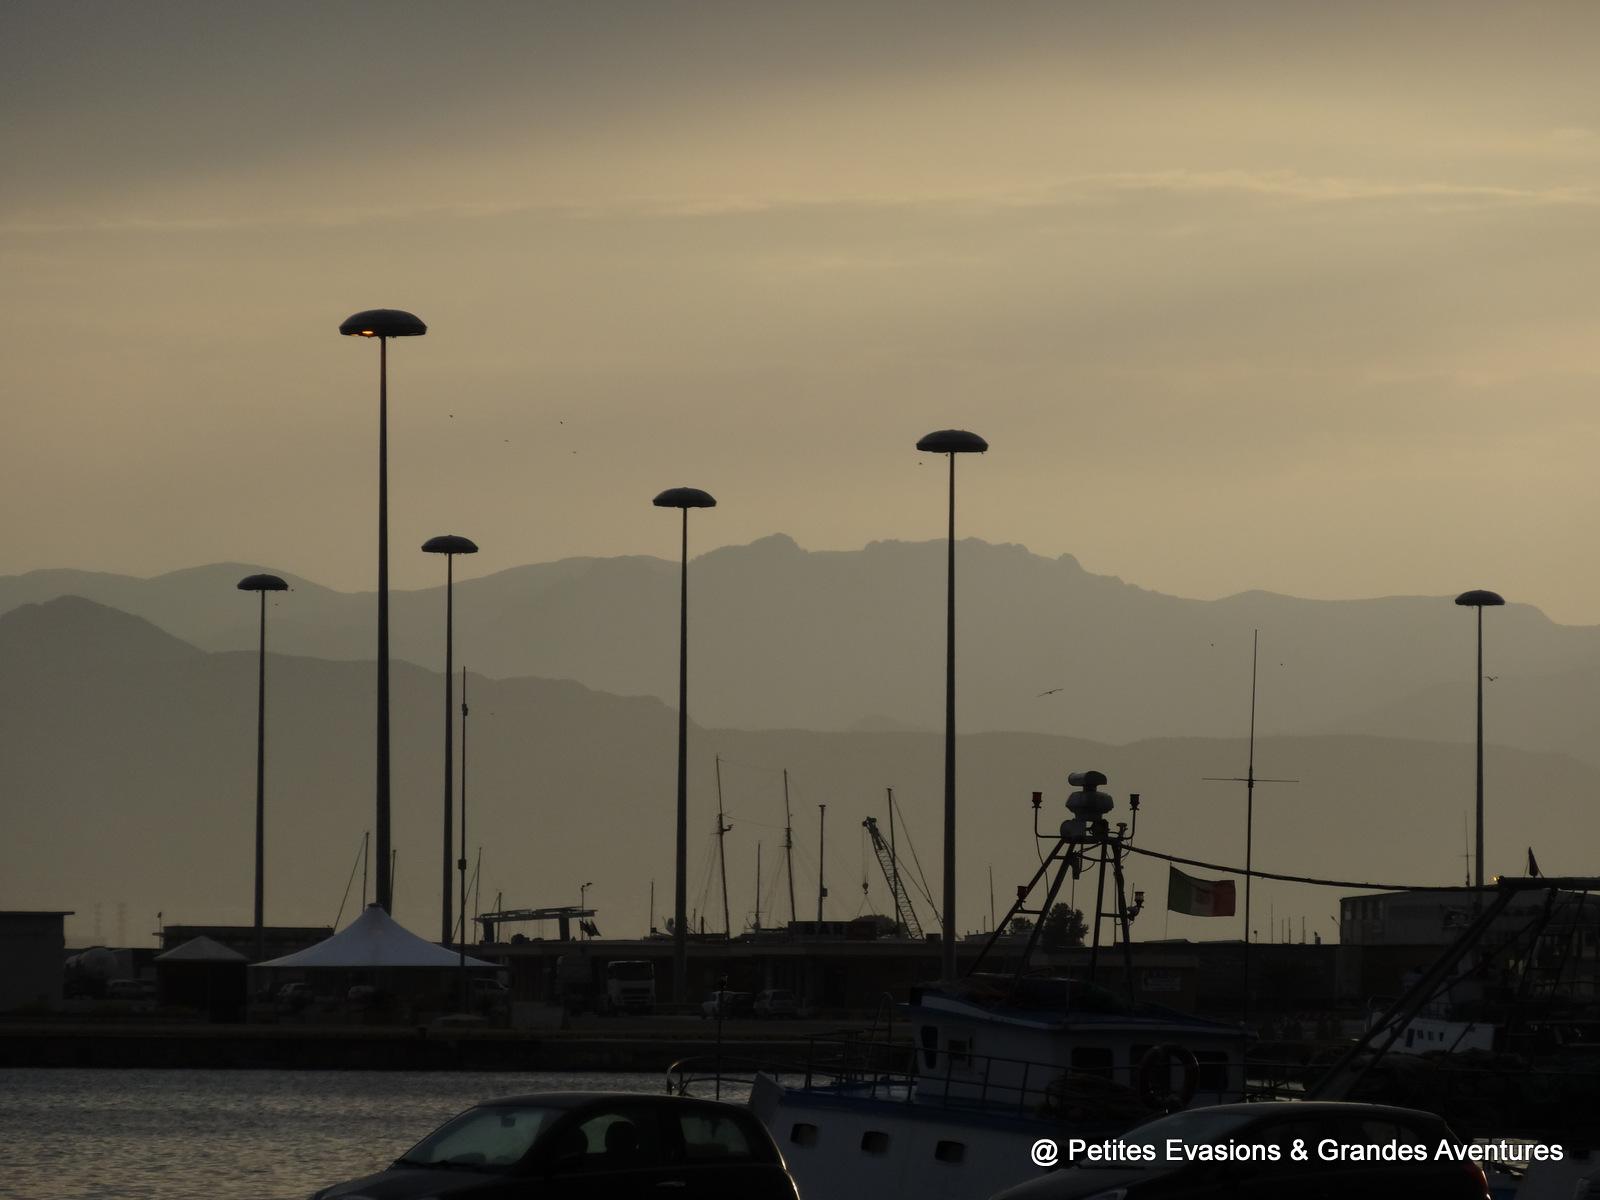 Vue sur le port de Cagliari et les montagnes en arrière plan